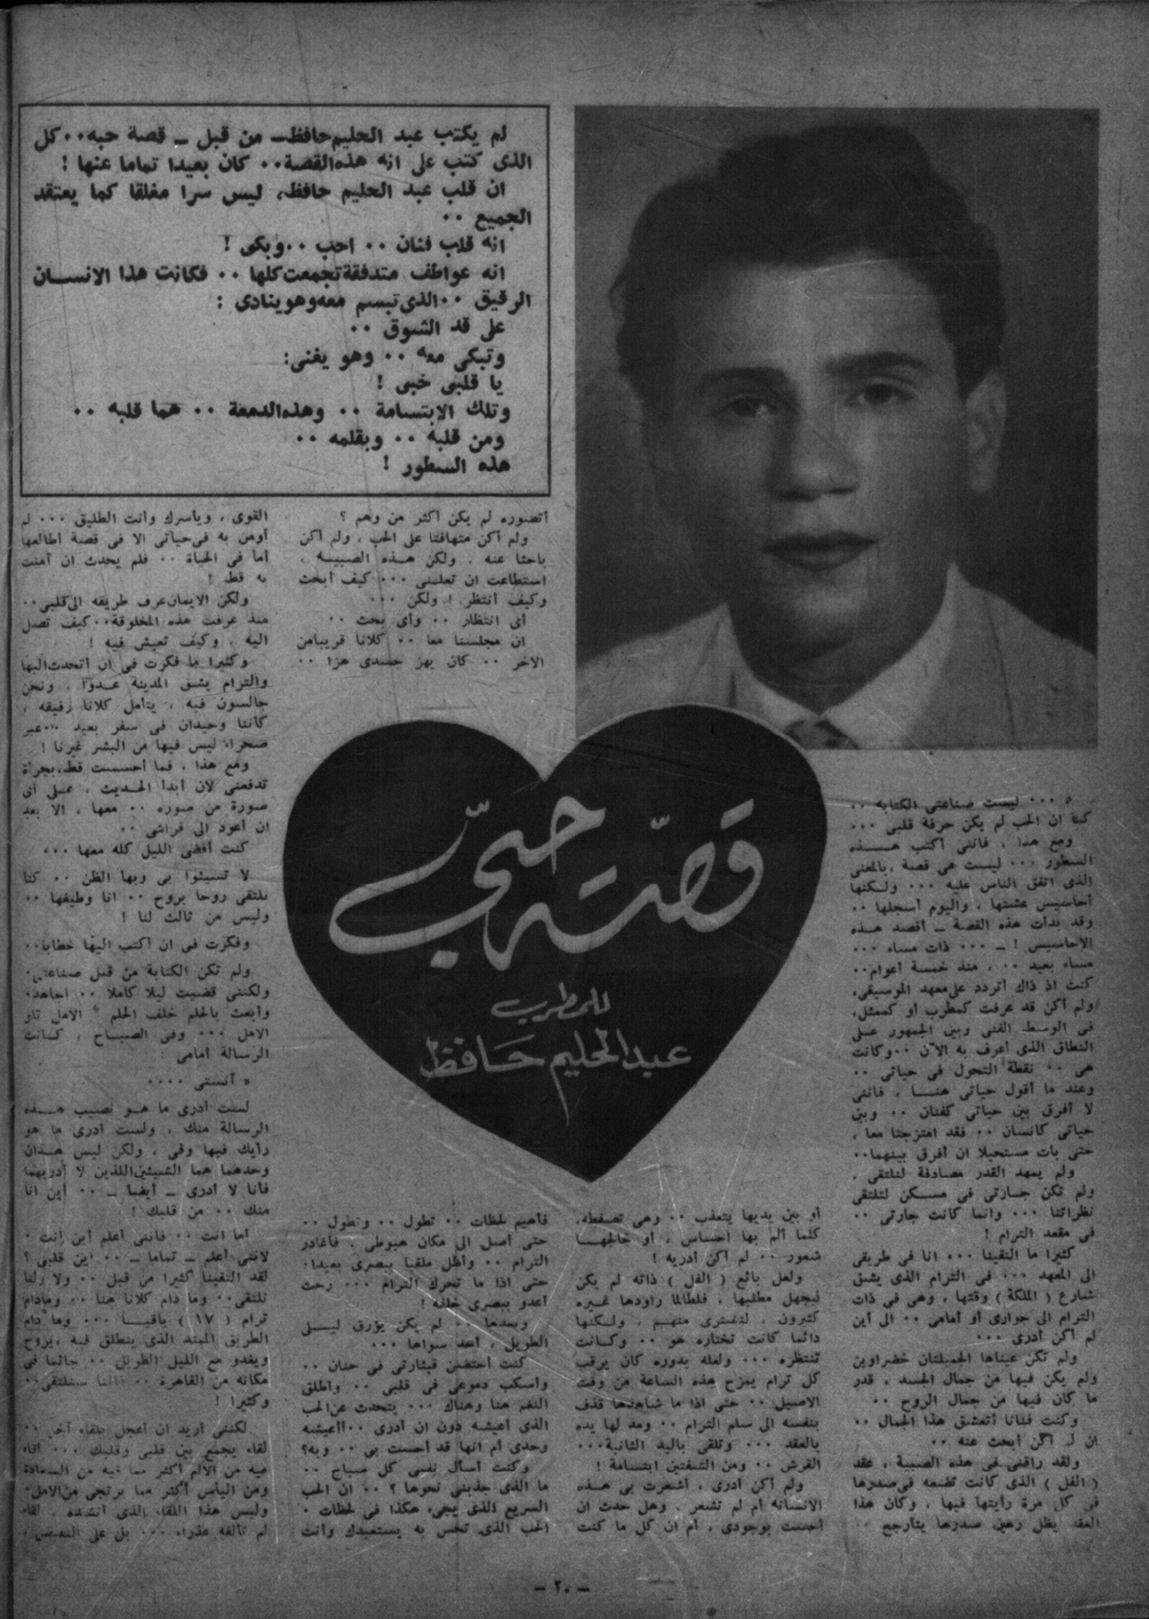 نتيجة بحث الصور عن يا تبر سائل عبدالحليم حافظ